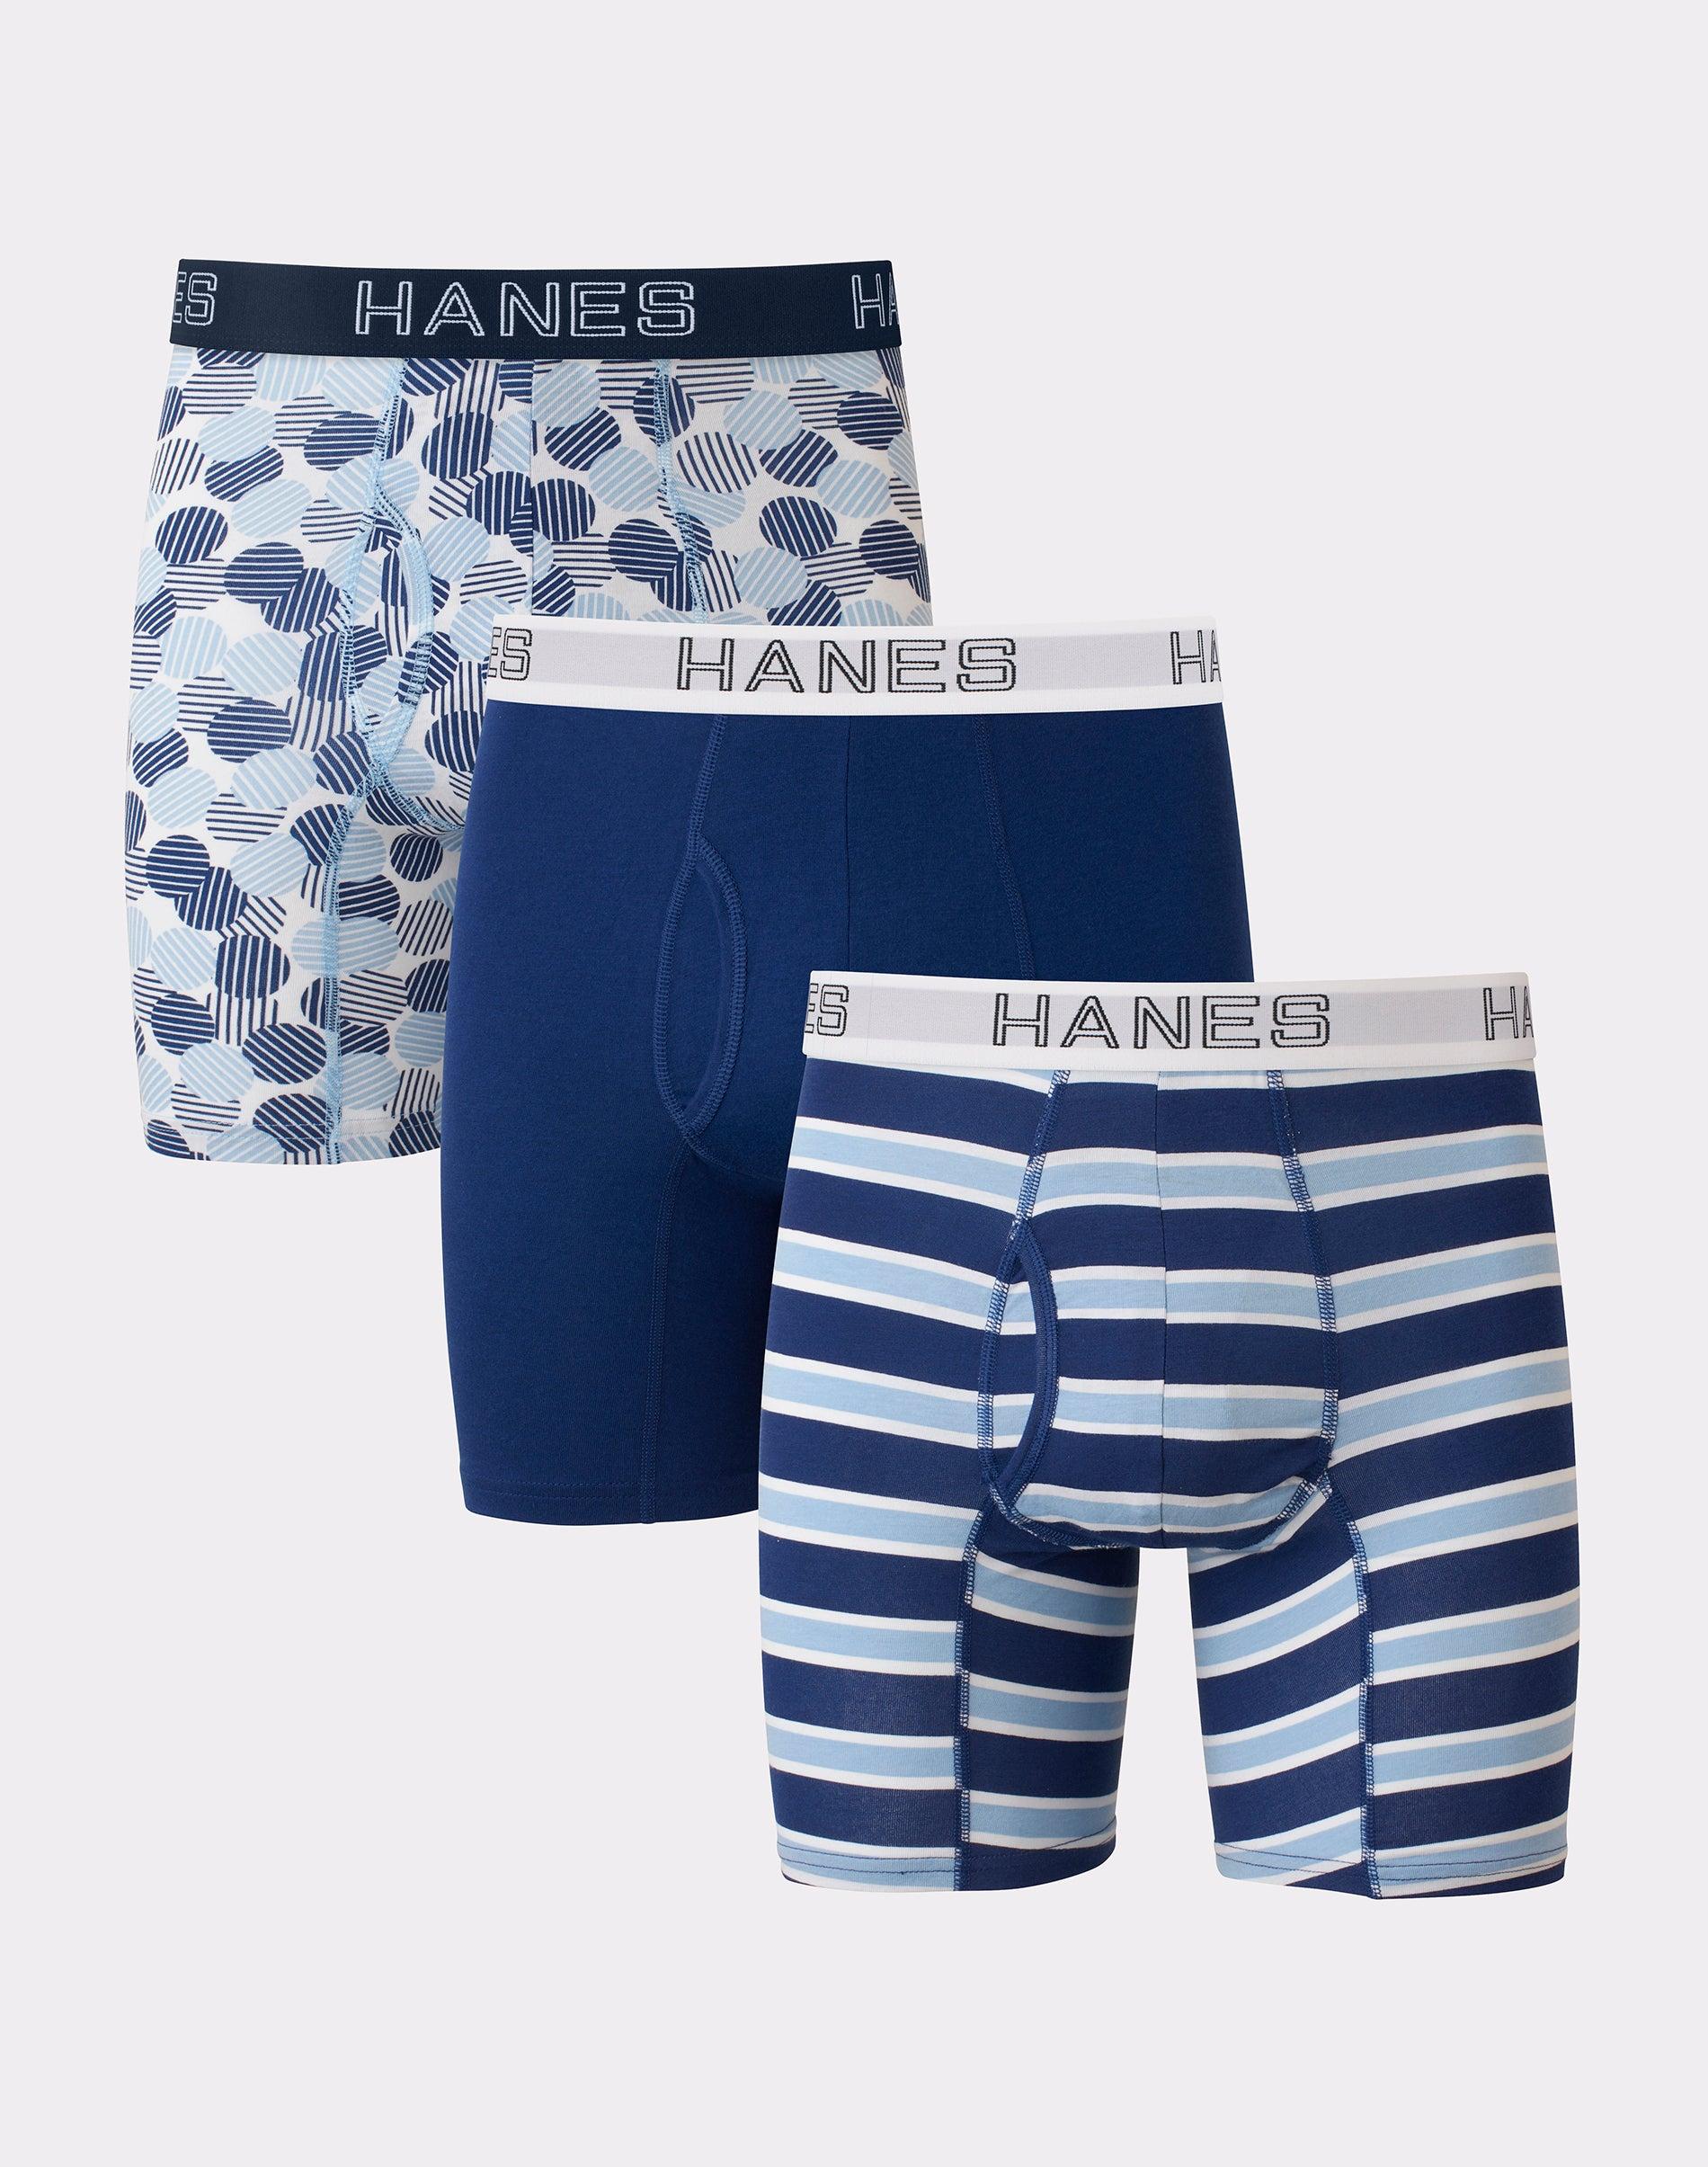 Hanes Red Label Mens Underwear Tops Men`s TAGLESS Boxer Briefs W//